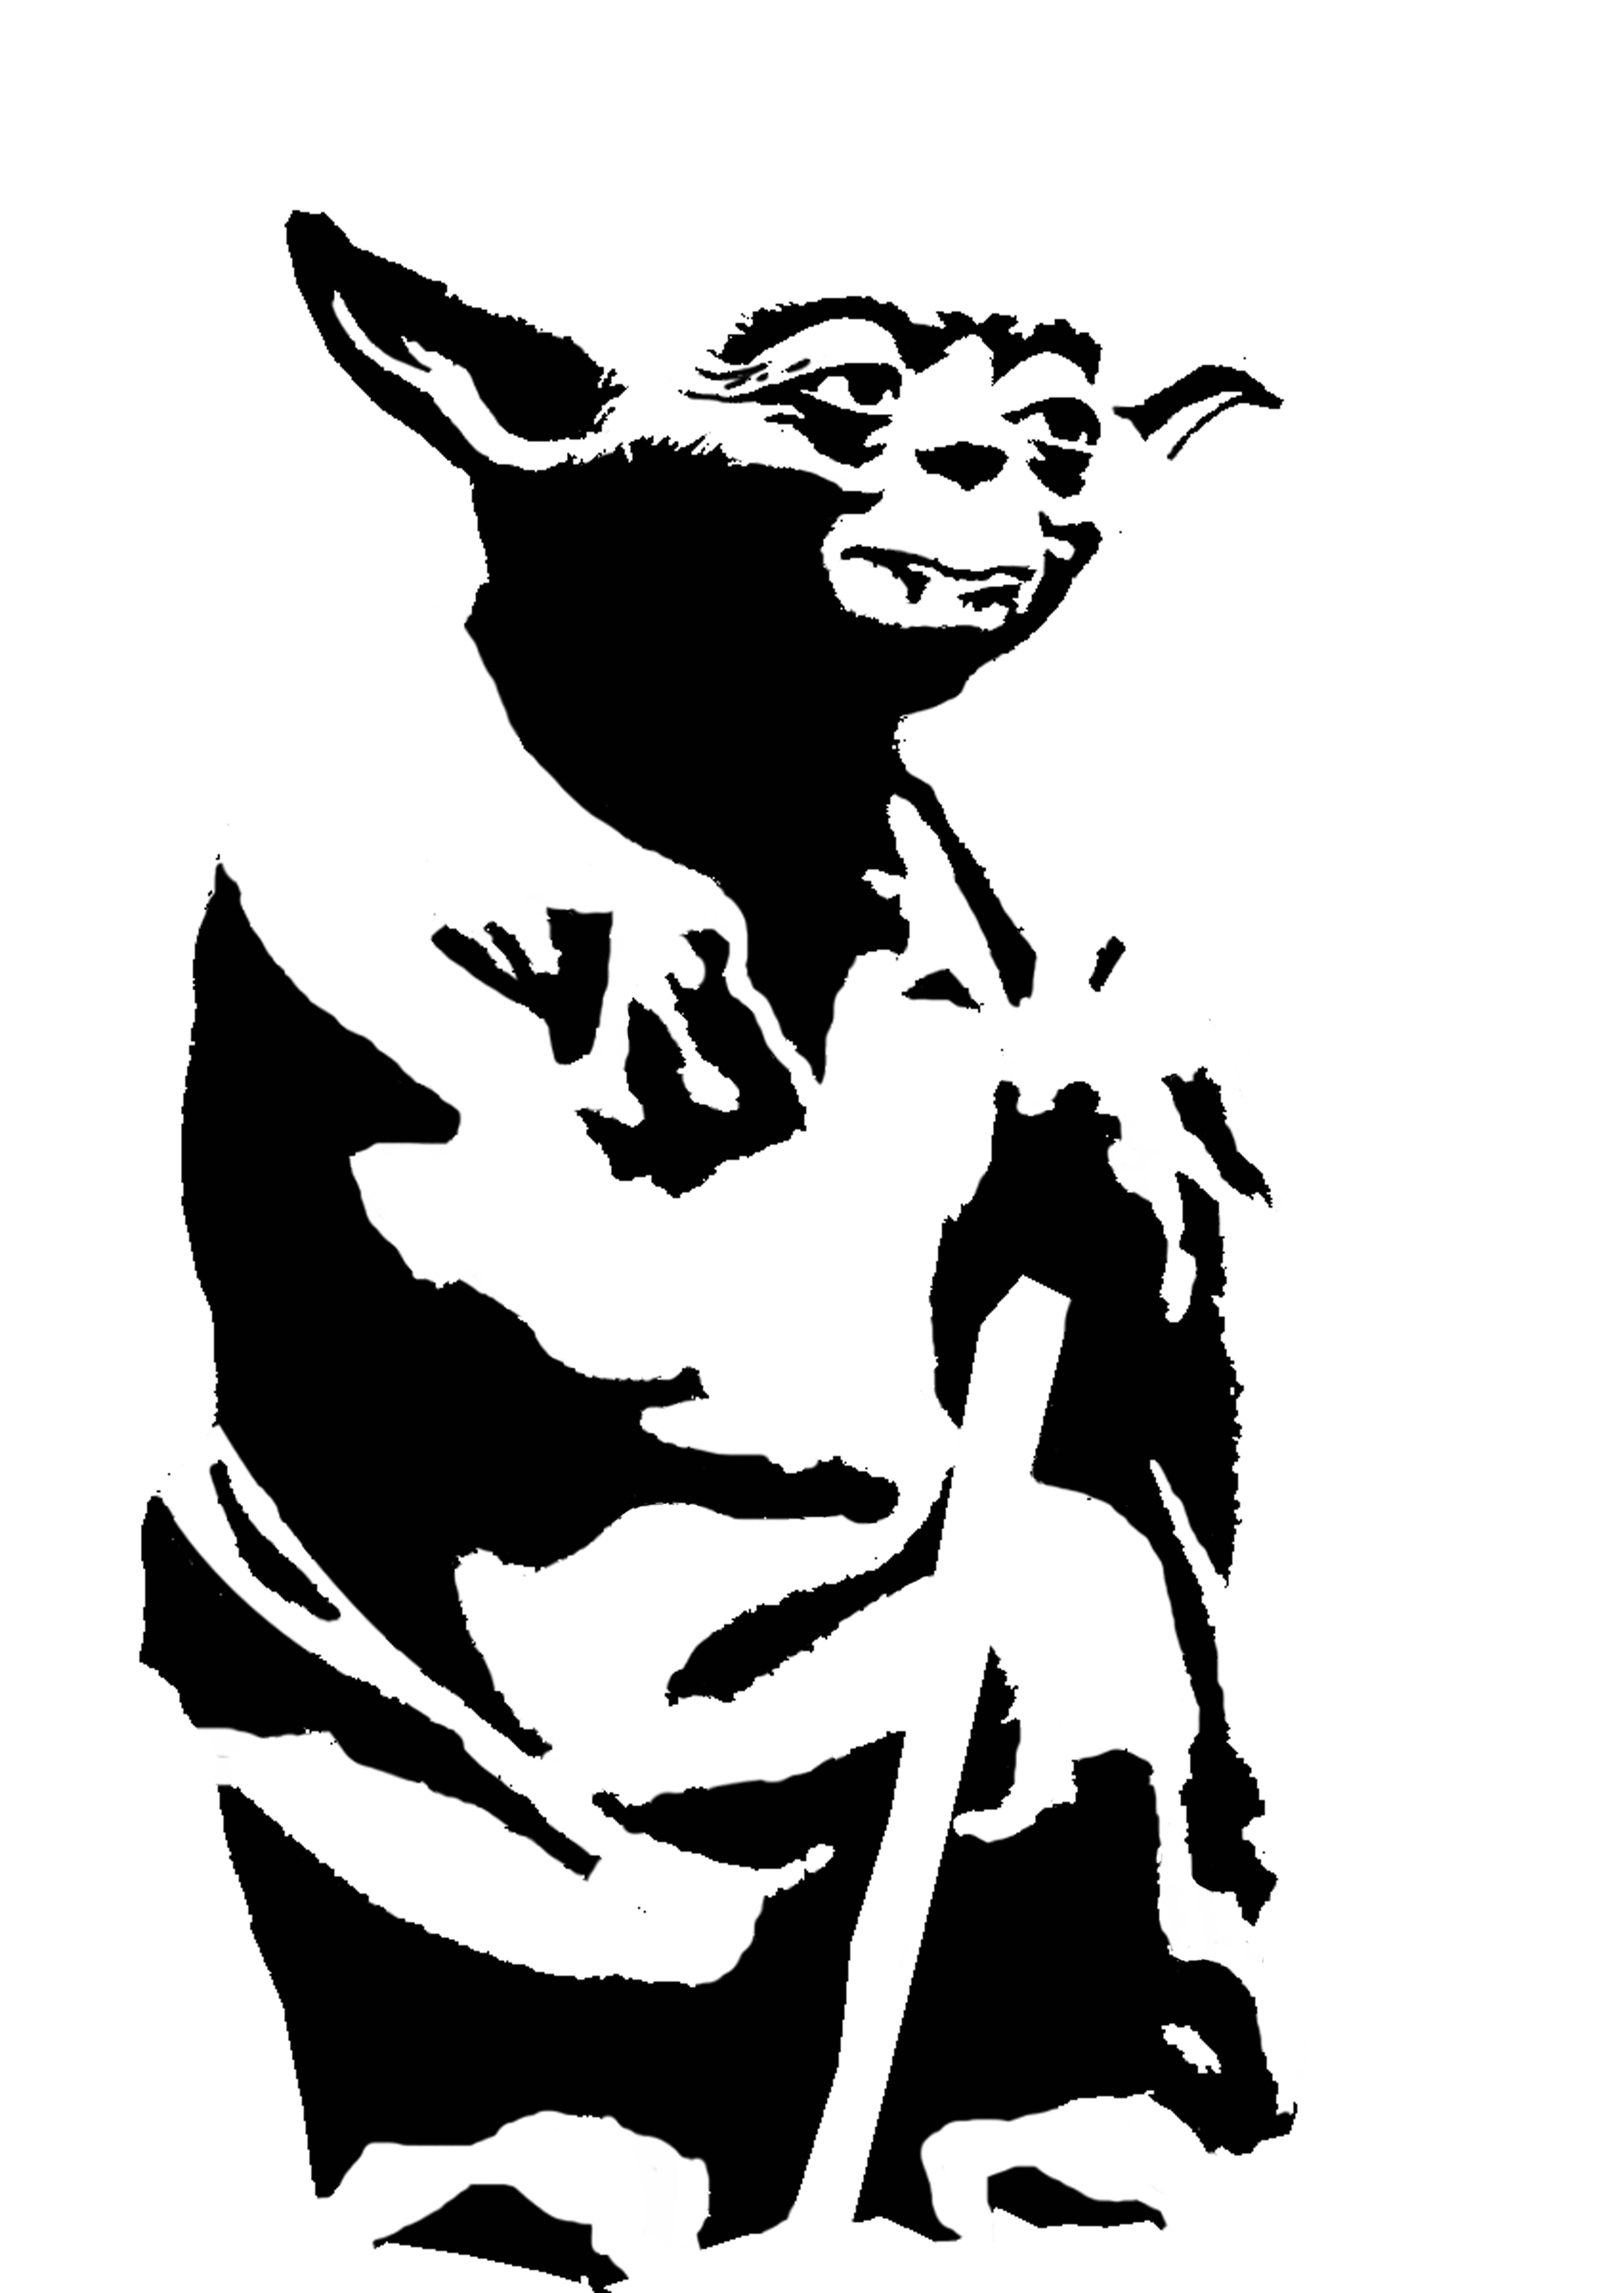 Yoda stencil template | Stencil Templates | Pinterest | Stencil . PlusPng.com Yoda  Stencil Template Stencil Templates Pinterest Stencil - Yoda PNG Black And White